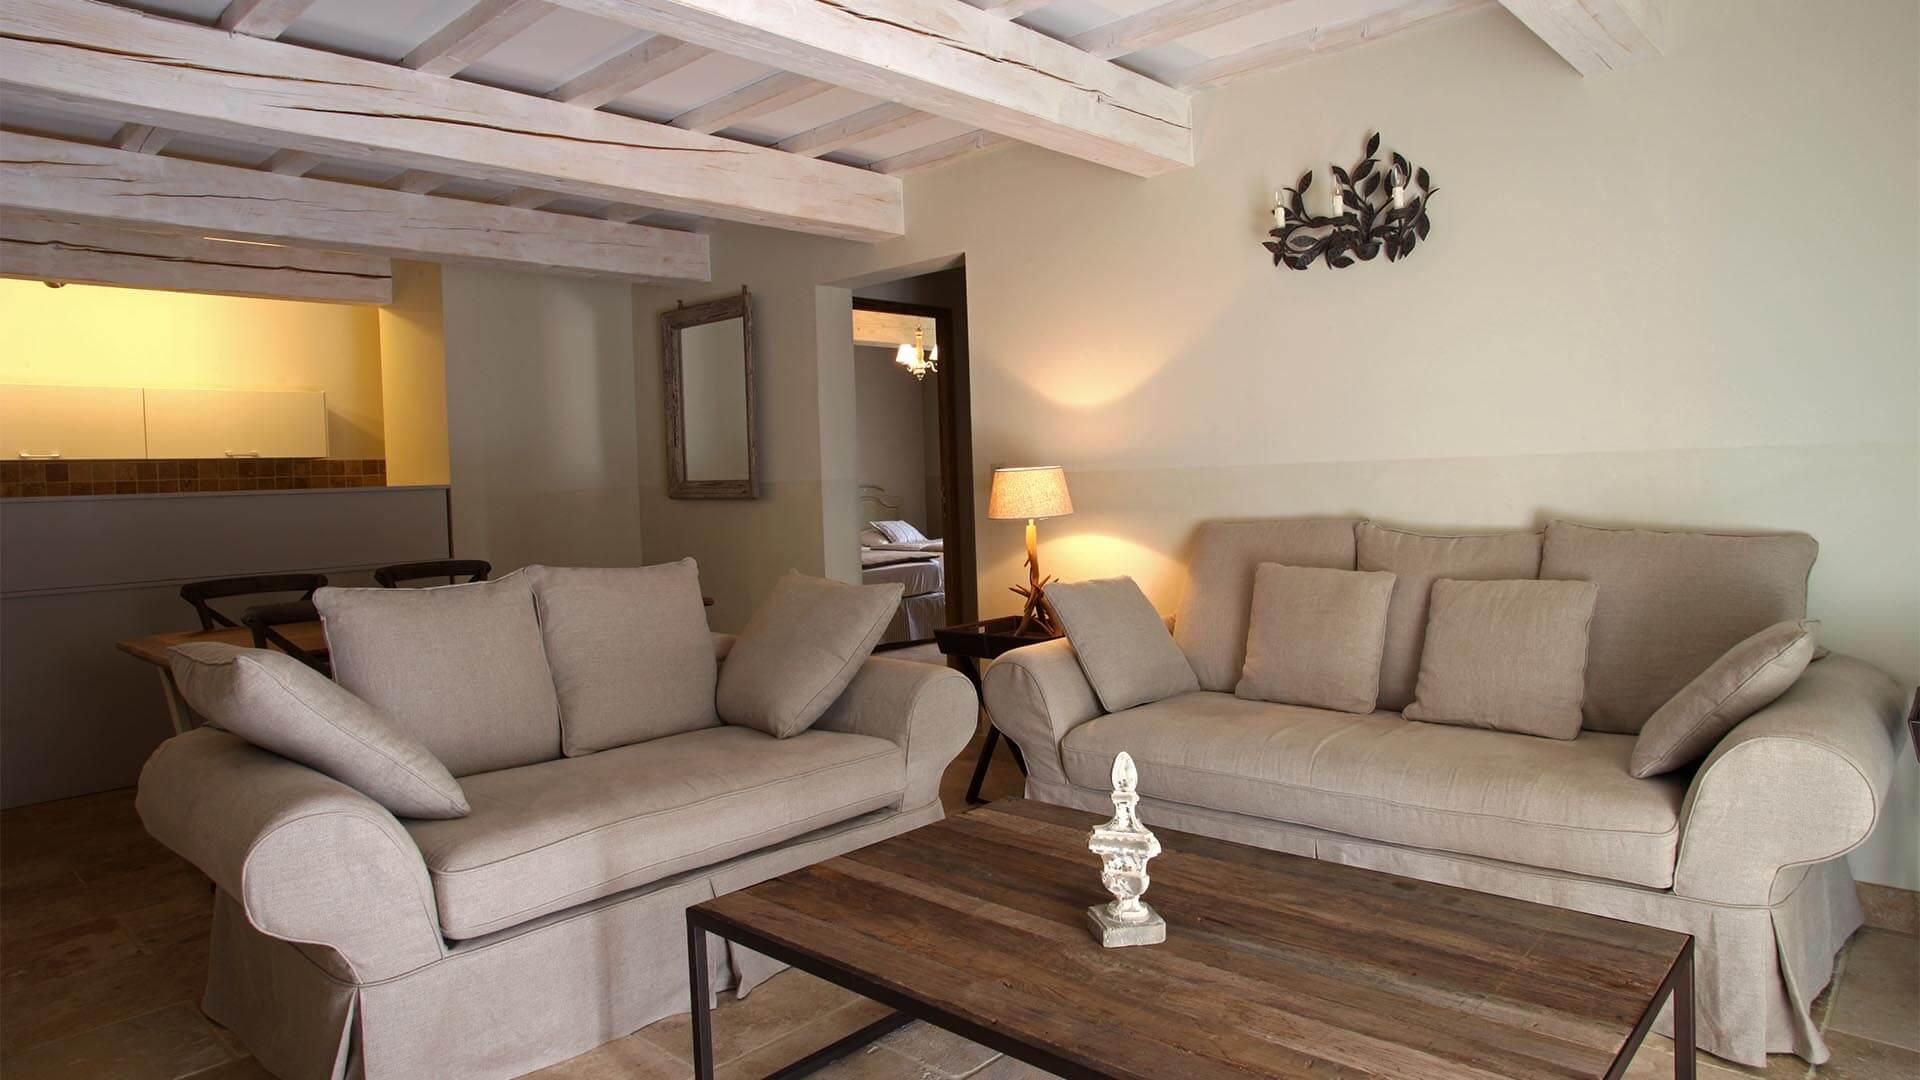 T3 à louer vacances Luberon | Appartement le cabanon pointu | Salon, salle à manger et cuisine américaine